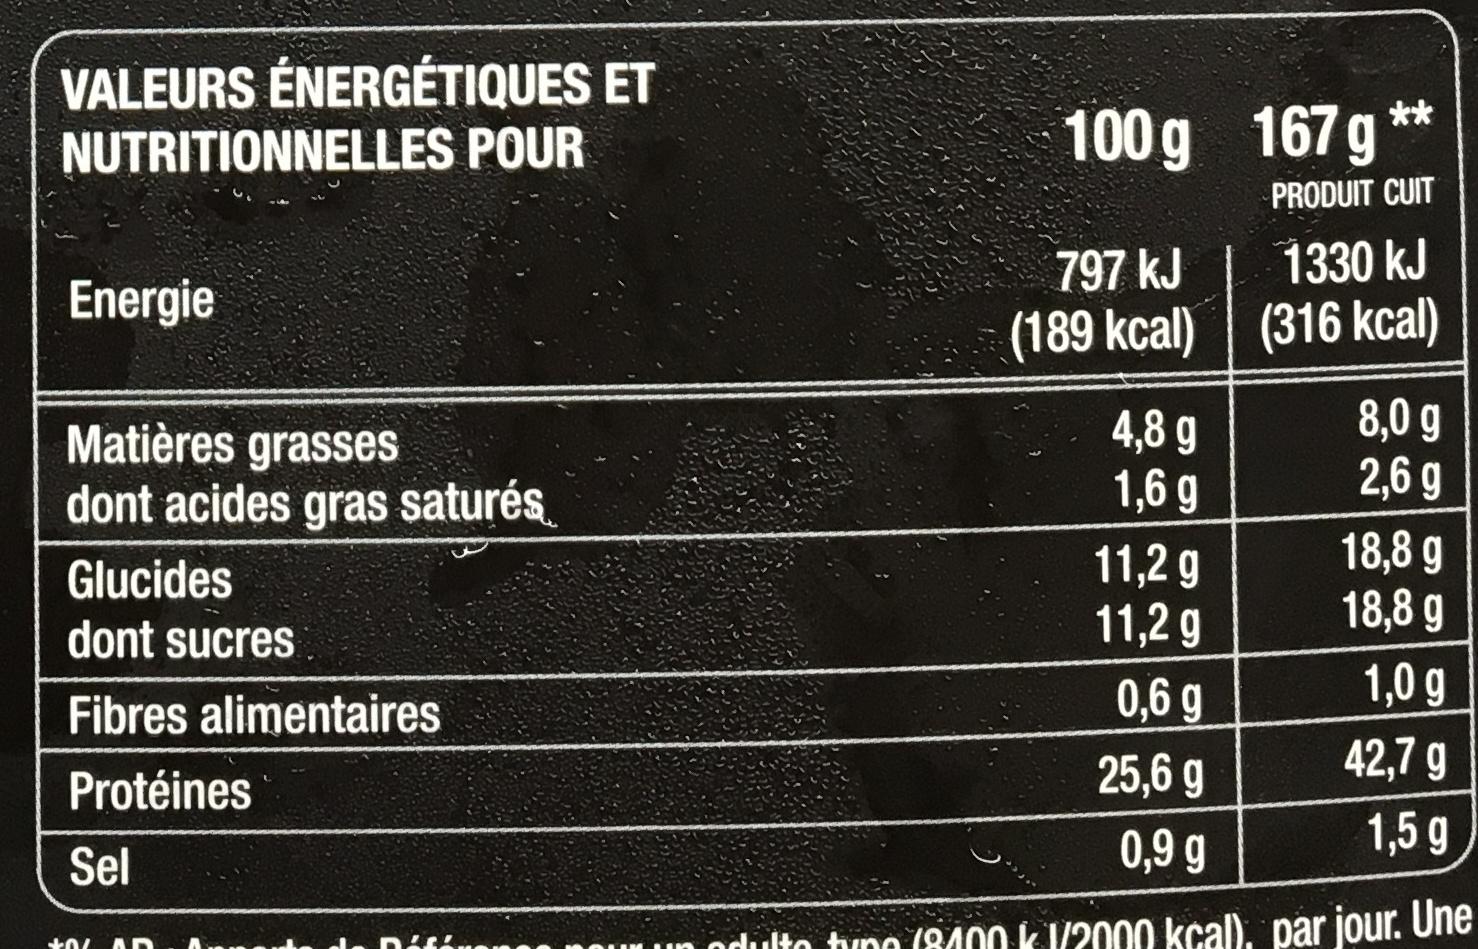 Souris de Porc Sauce aux pommes caramélisées - Informations nutritionnelles